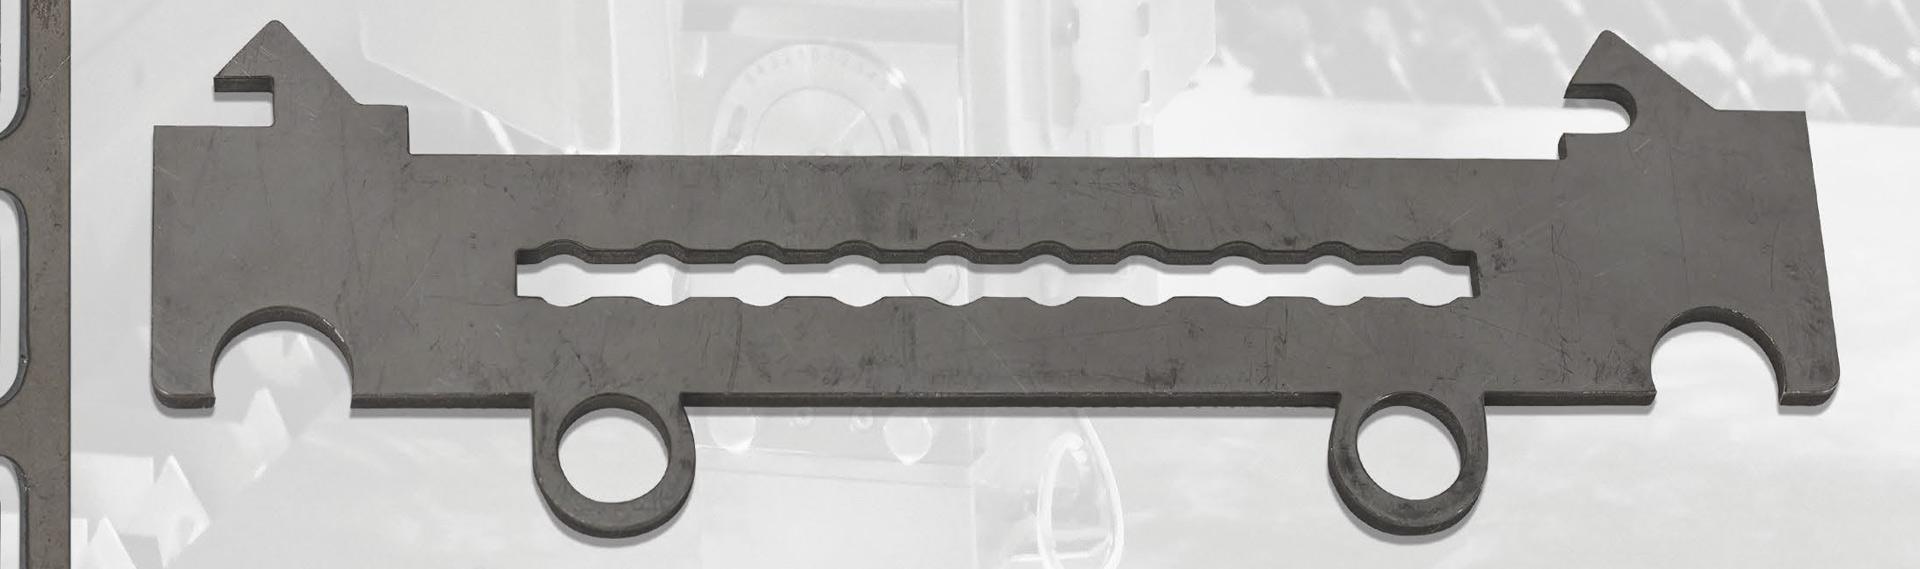 Elaboración de acero comercial